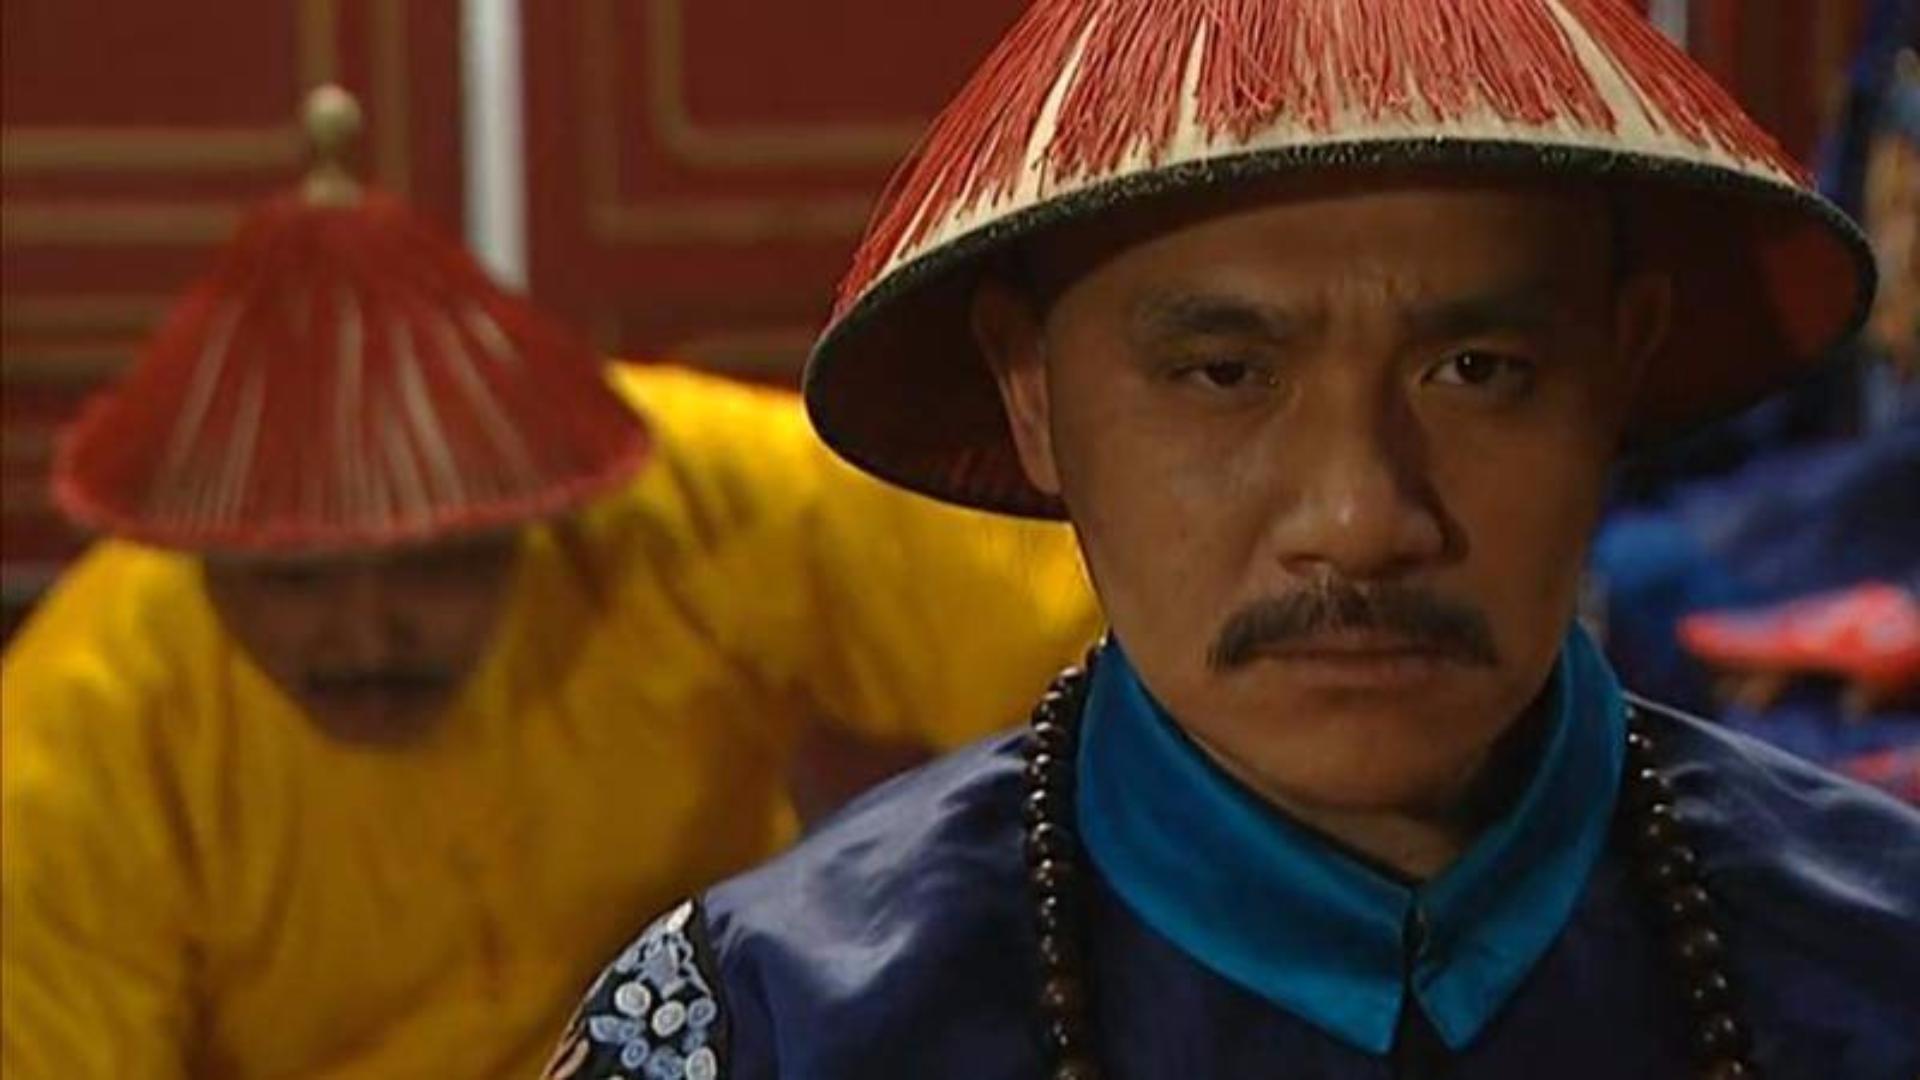 邸生系列:(下)八爷的视角看雍正王朝!斗了一辈子,我也许从来没有赢过,但是到最后这一刻,我也没有输!